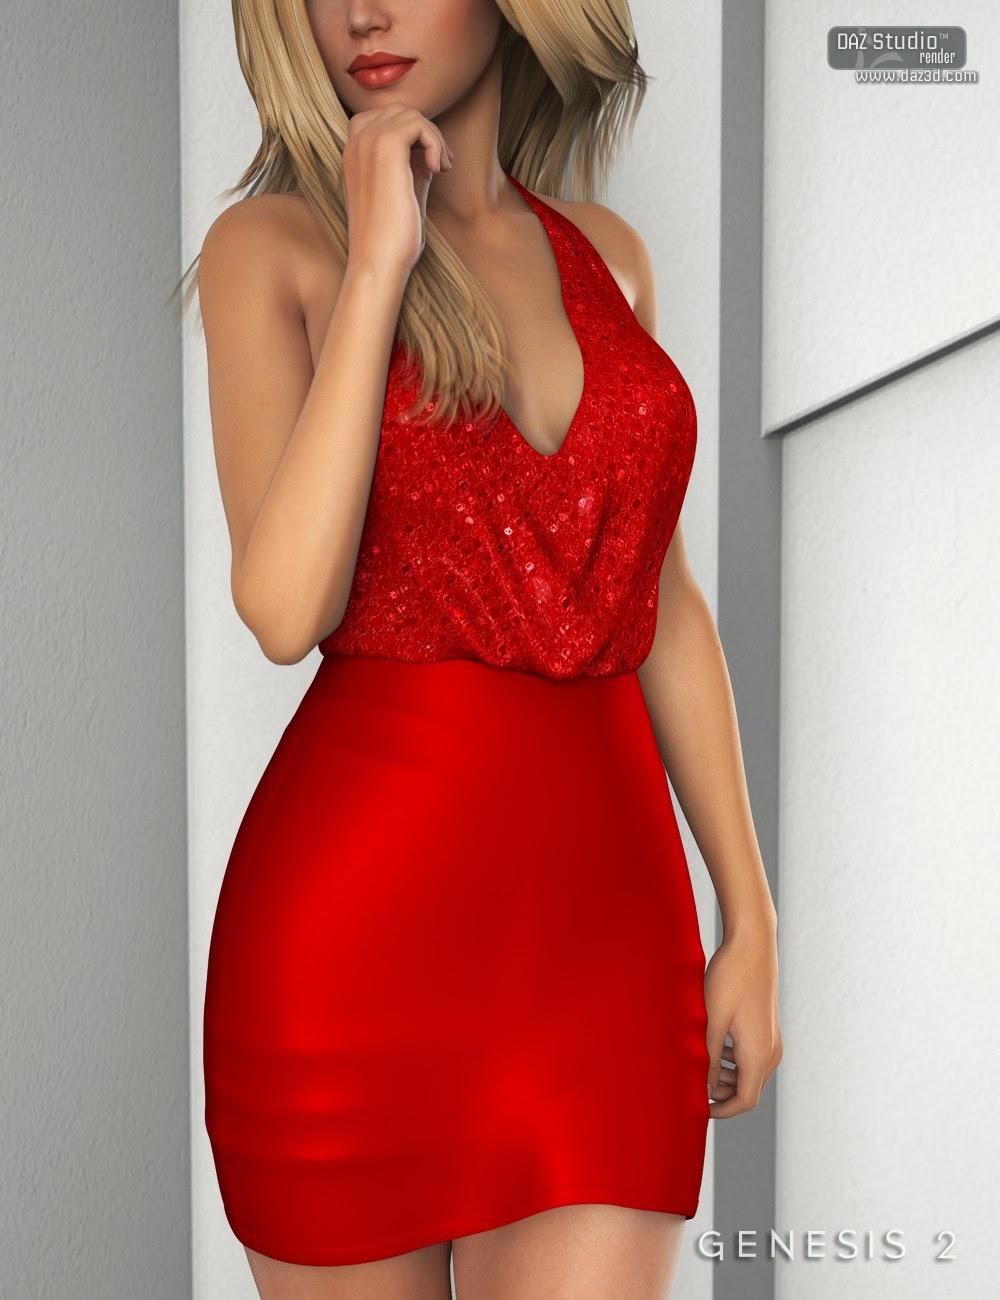 Daz Dress genesis 2